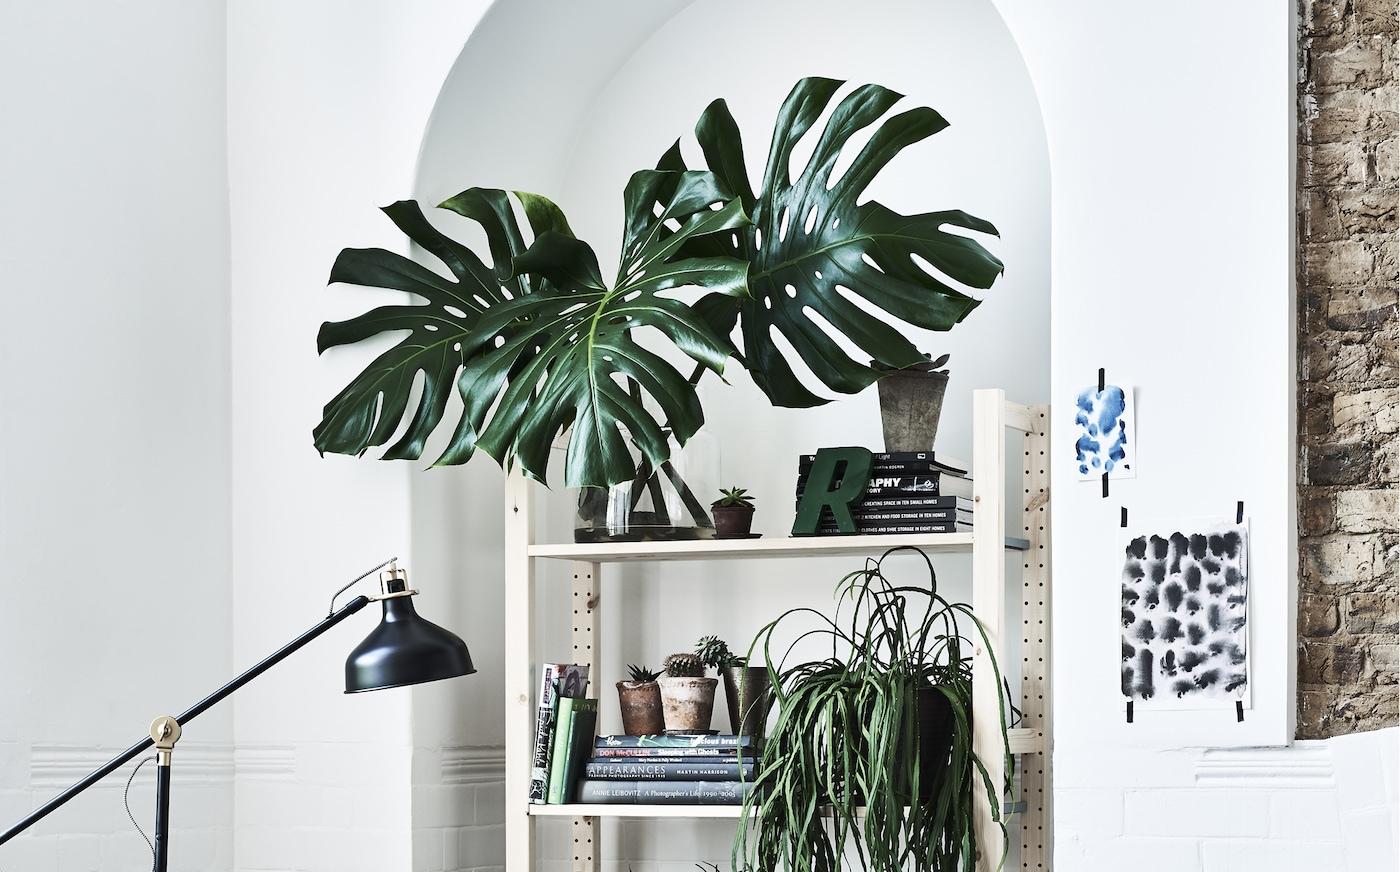 حائط أبيض عليه رفوف ونباتات اصطناعية.